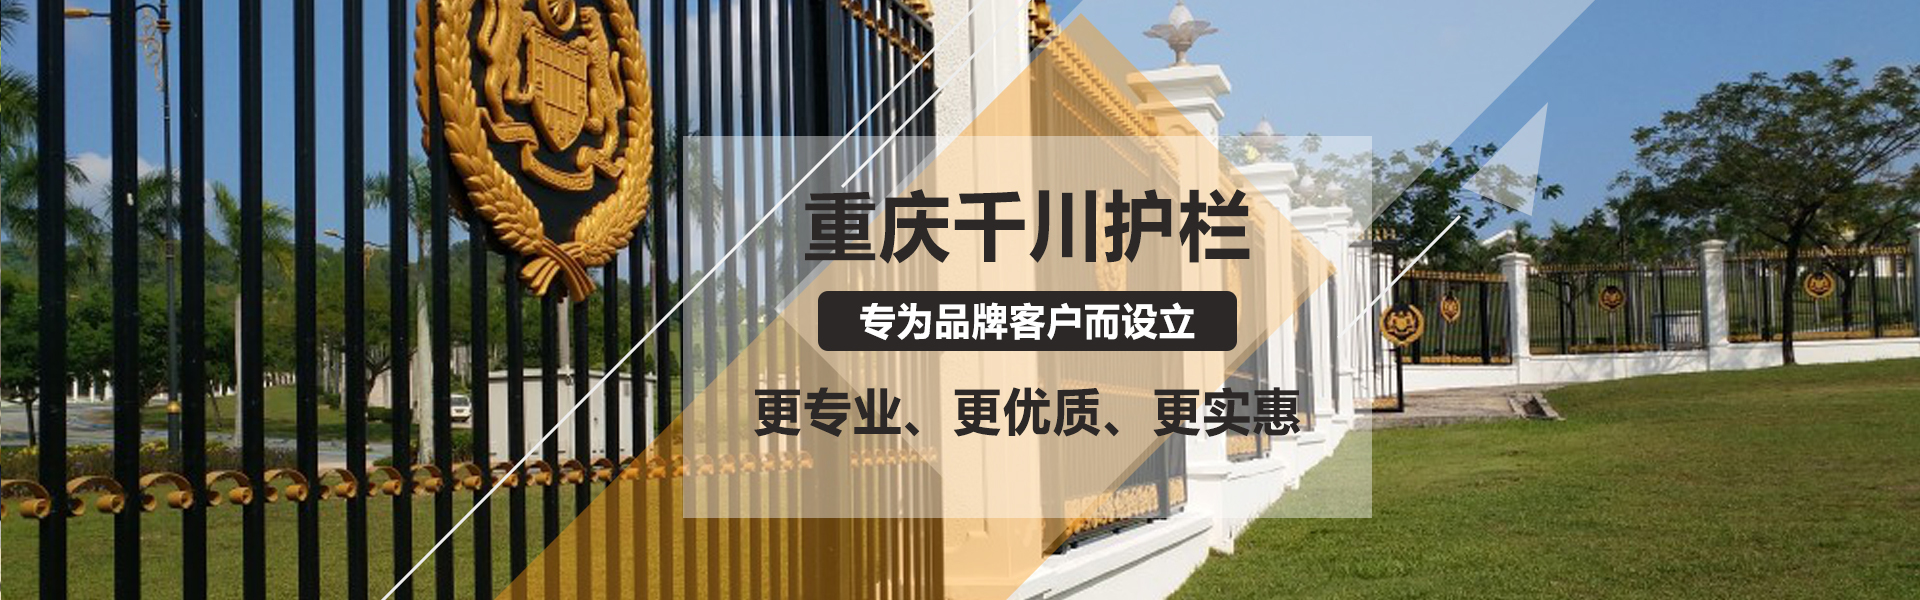 重庆千川护栏 专为品牌客户而设立   更专业、更优质、更实惠